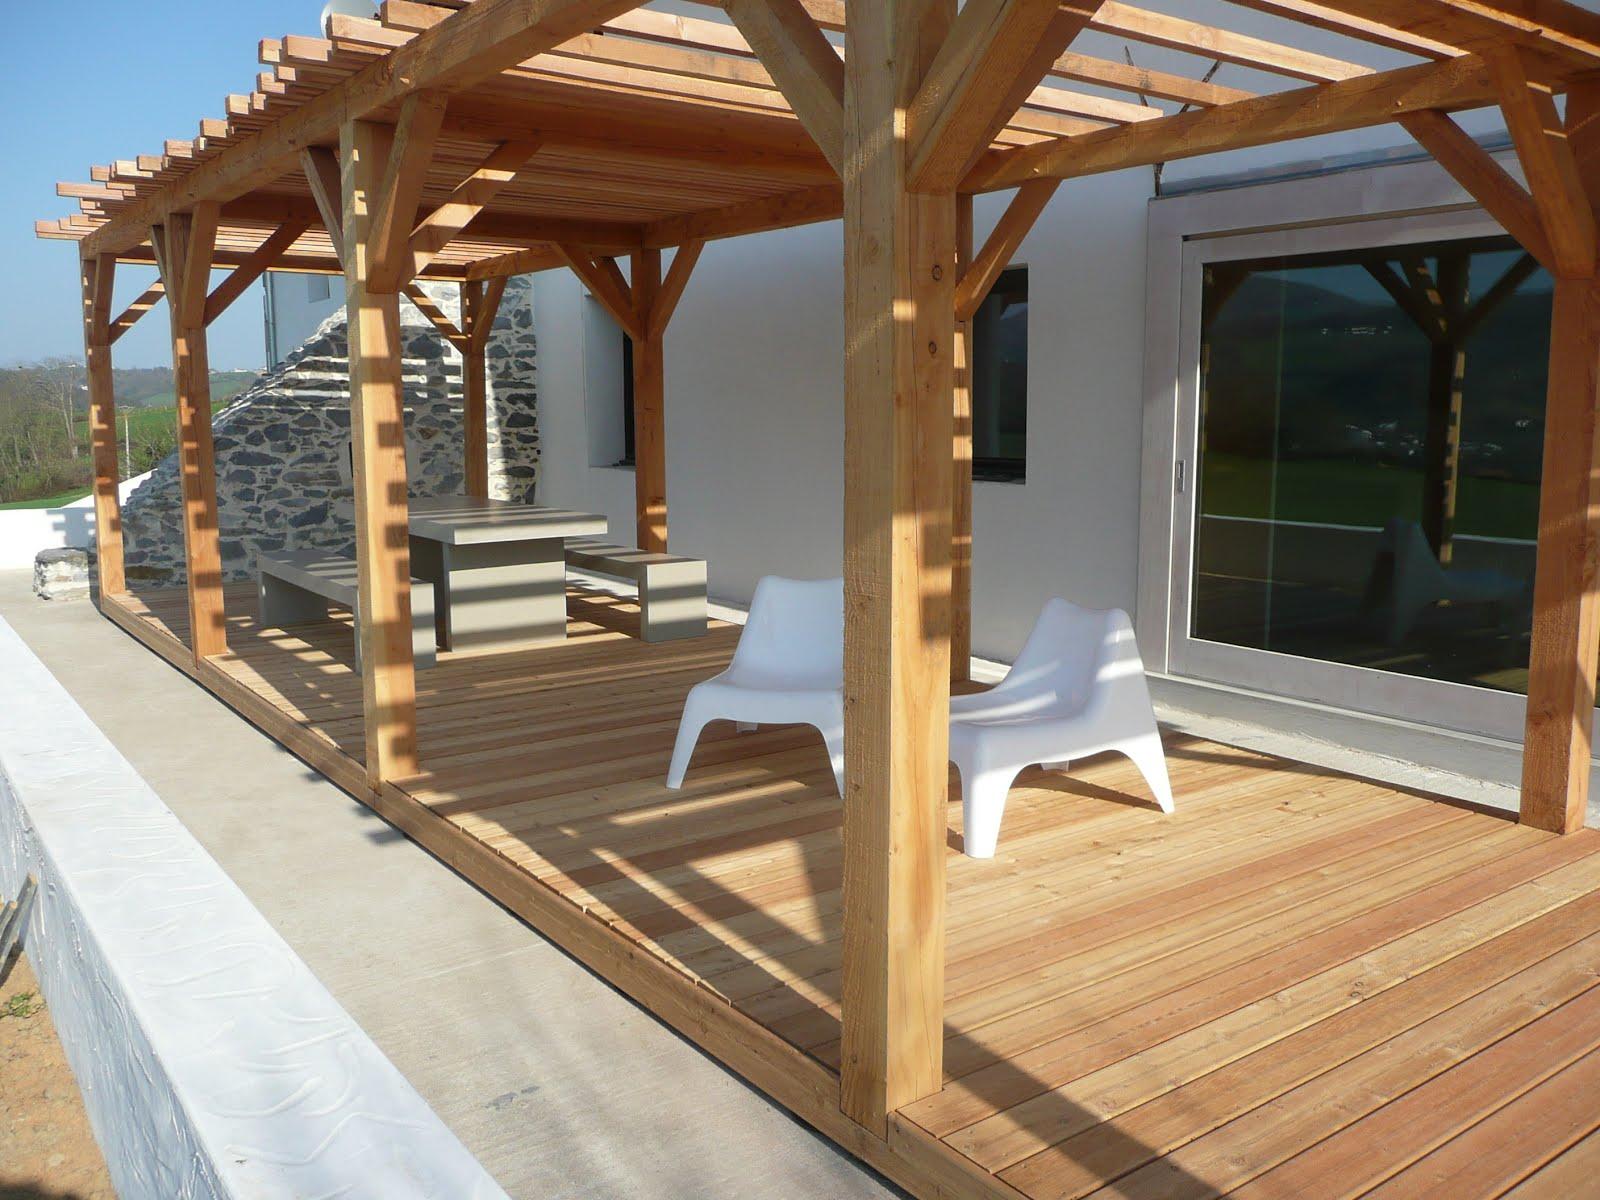 Sobre pérgolas y porches – protección por diseño | Madera Estructural